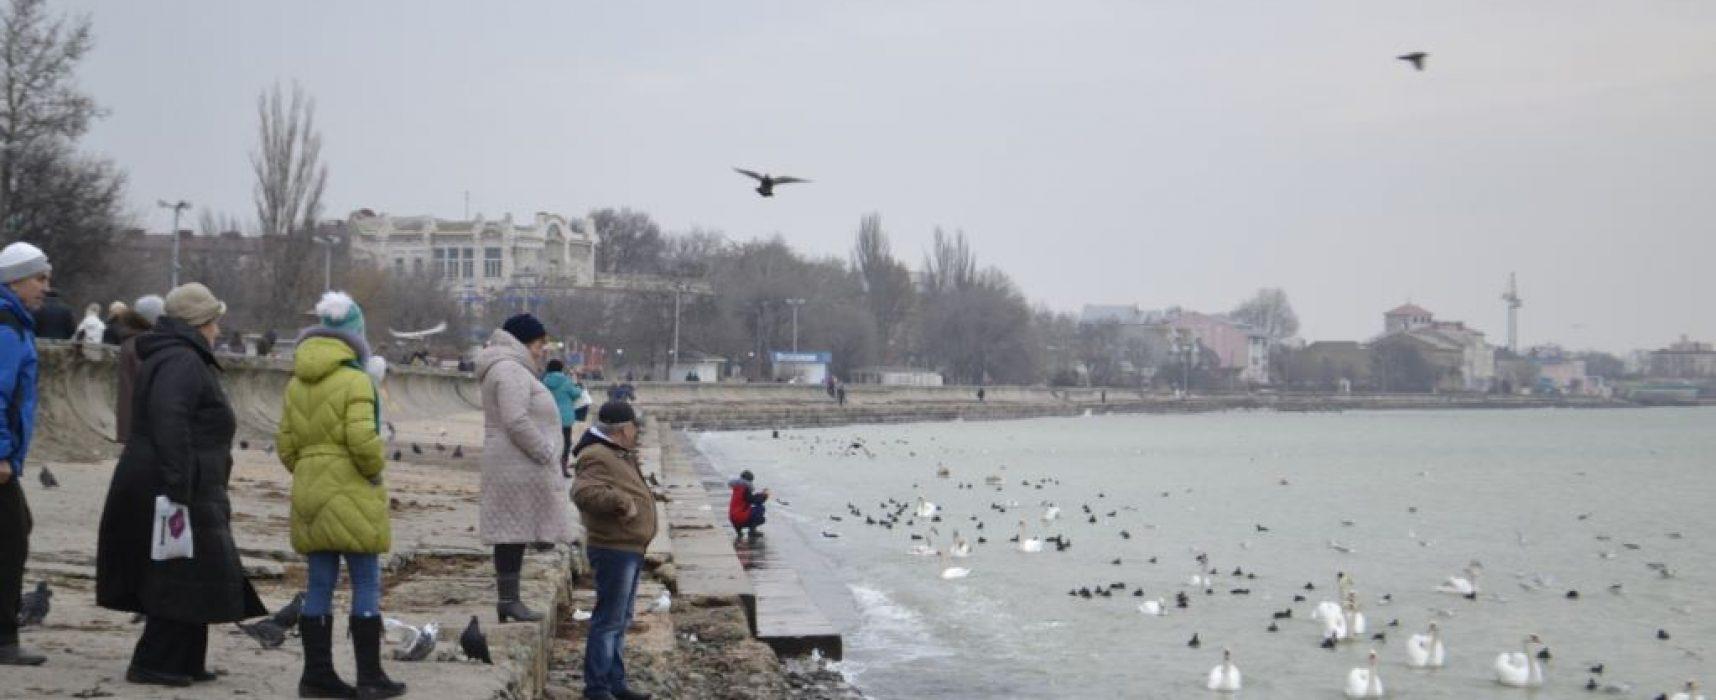 VCIOM twierdzi, że prawie 90% mieszkańców Krymu jest zadowolonych z życia